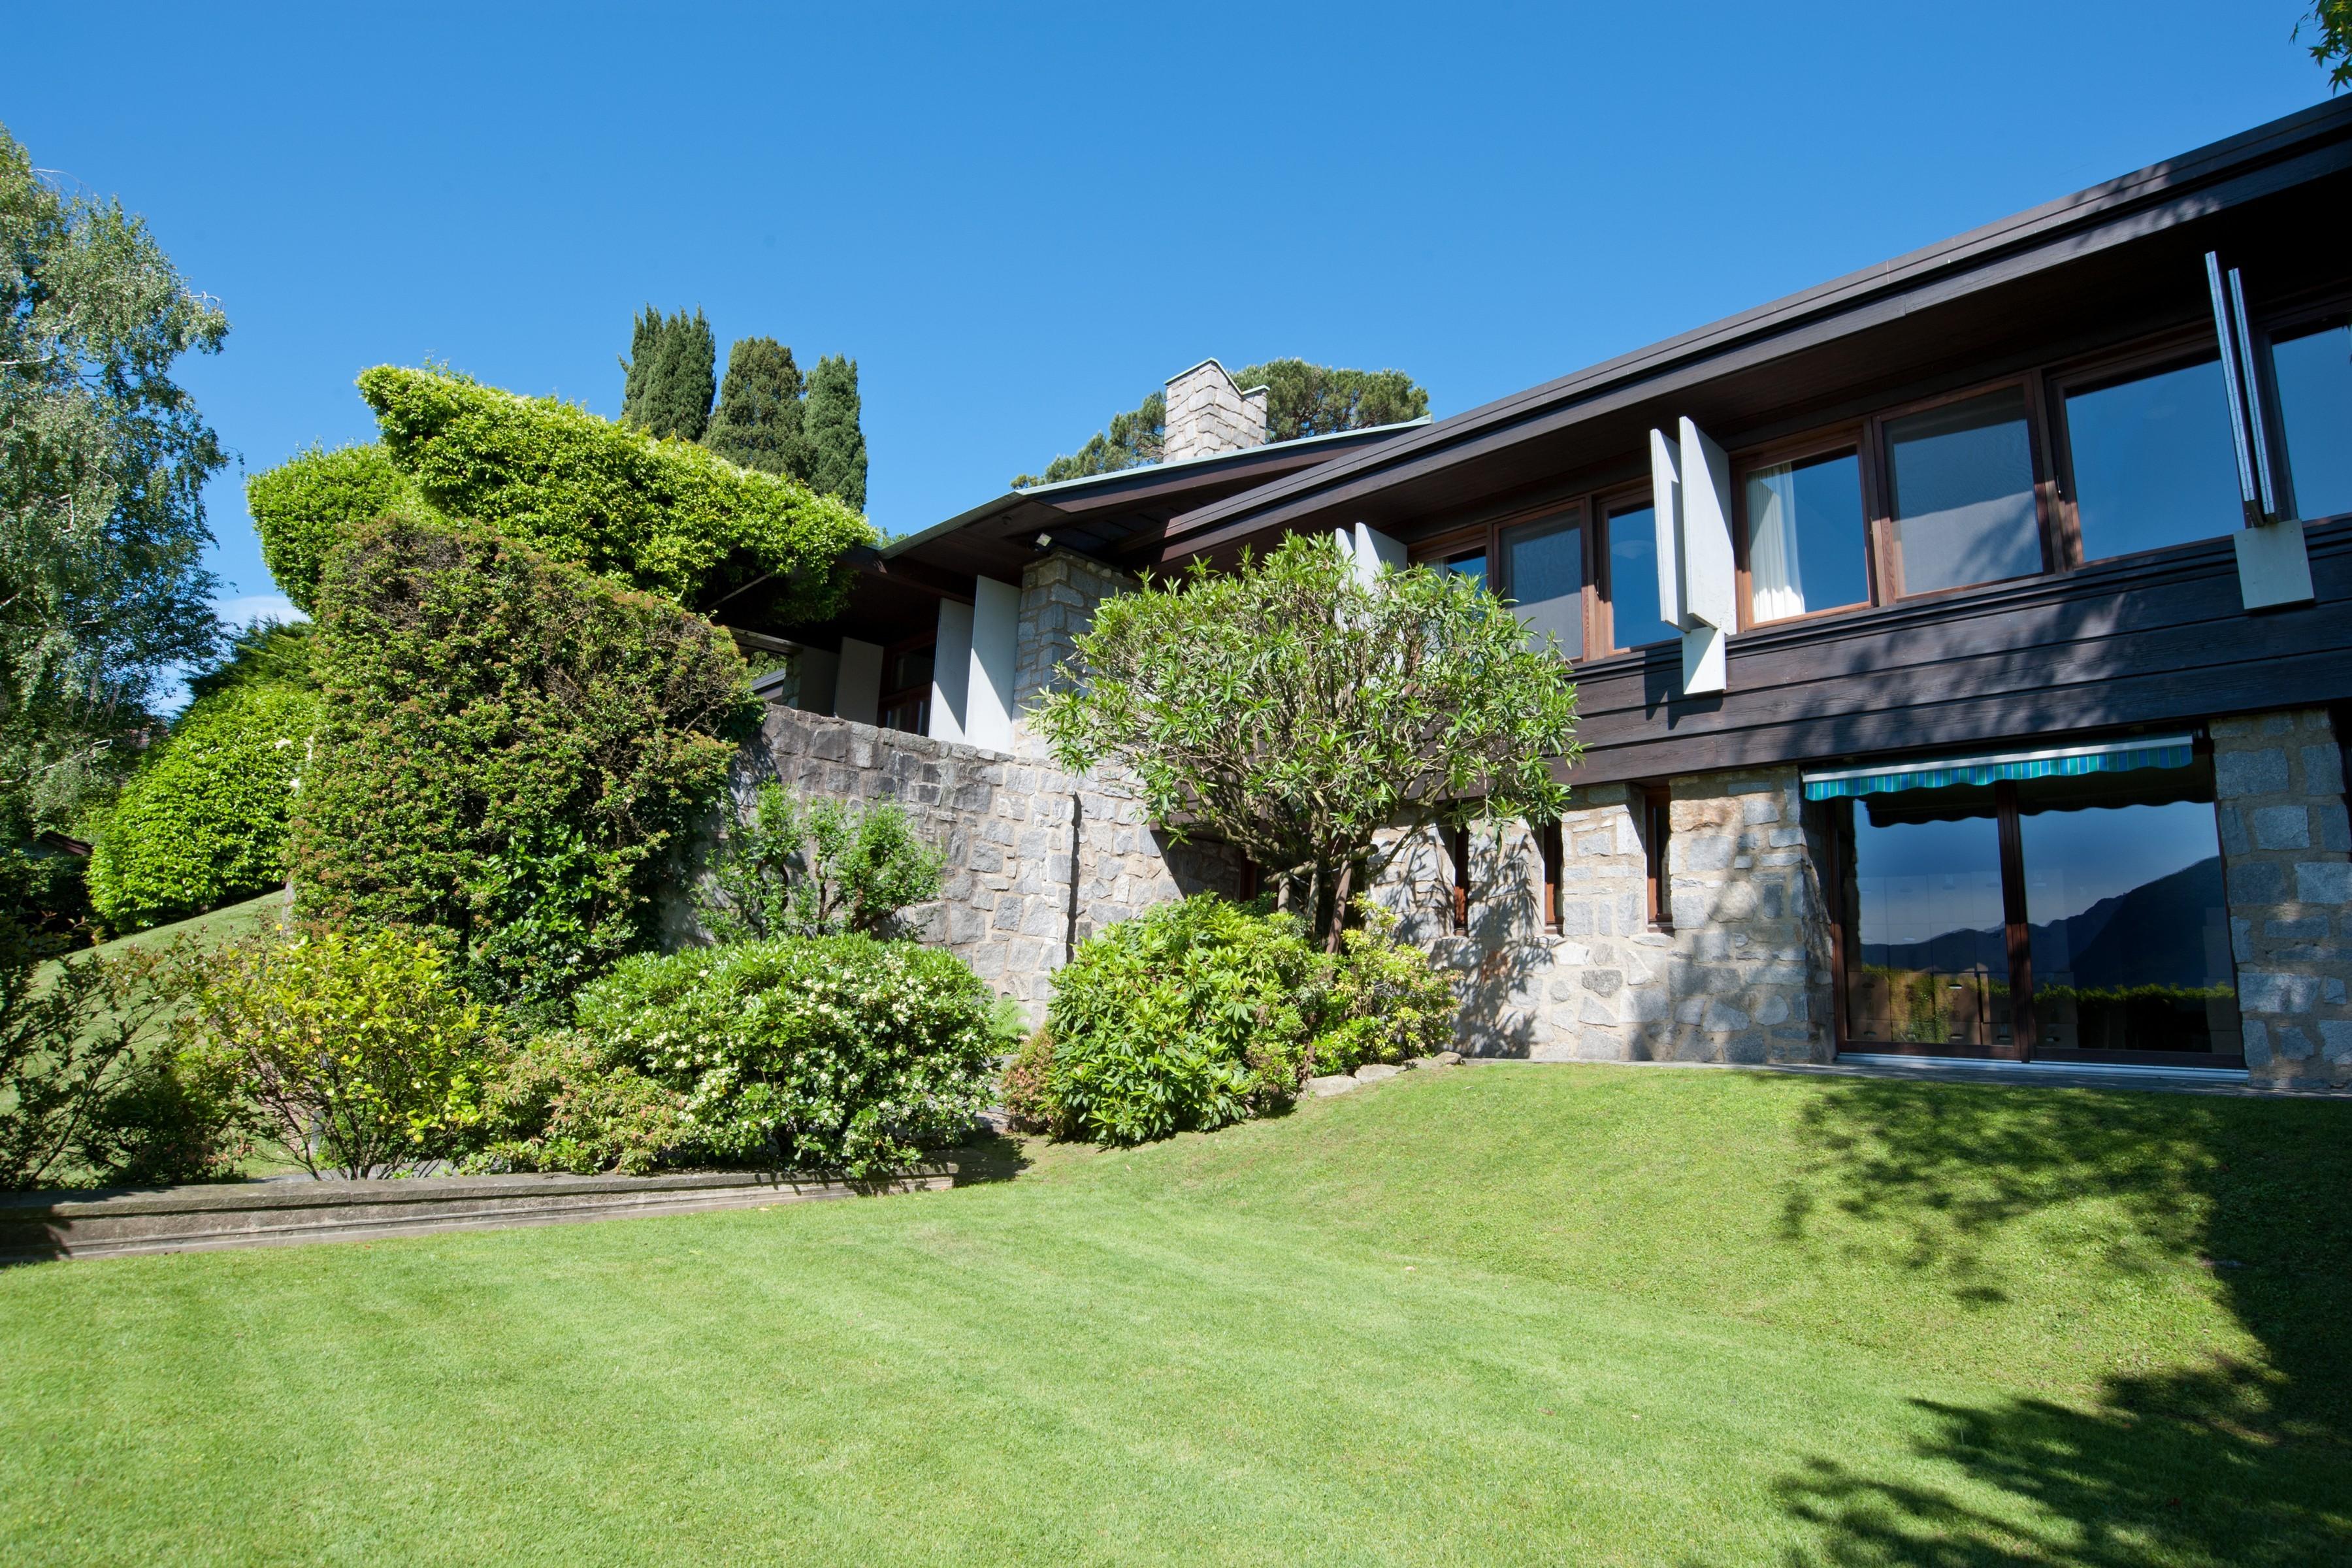 Частный односемейный дом для того Продажа на Elegant villa with lake view Lugano, Ticino, Швейцария